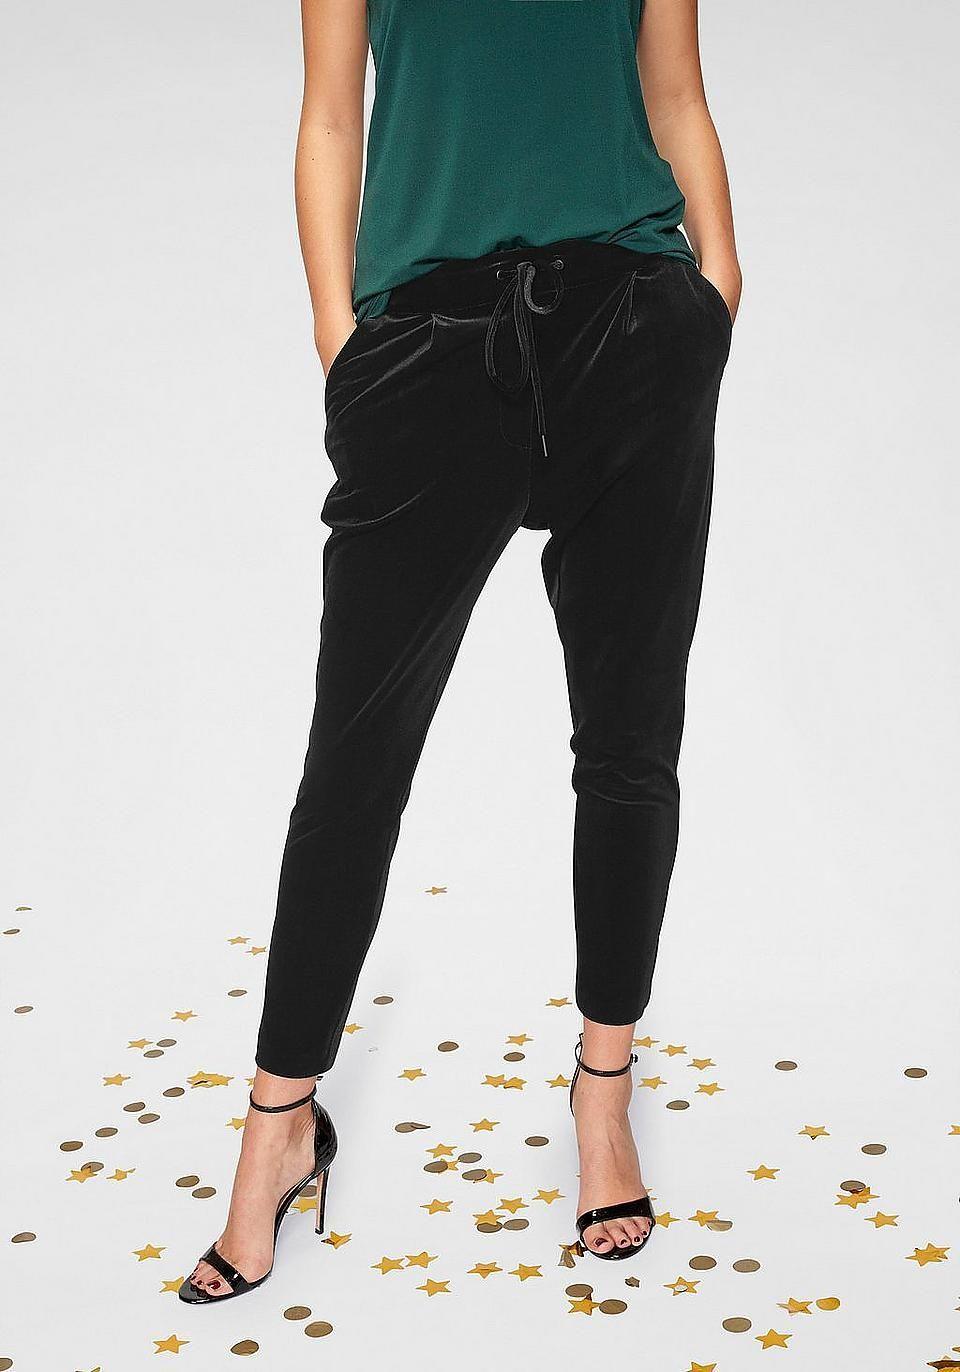 vero moda jogger pants #samt #velvet #samtstoff #modetrend